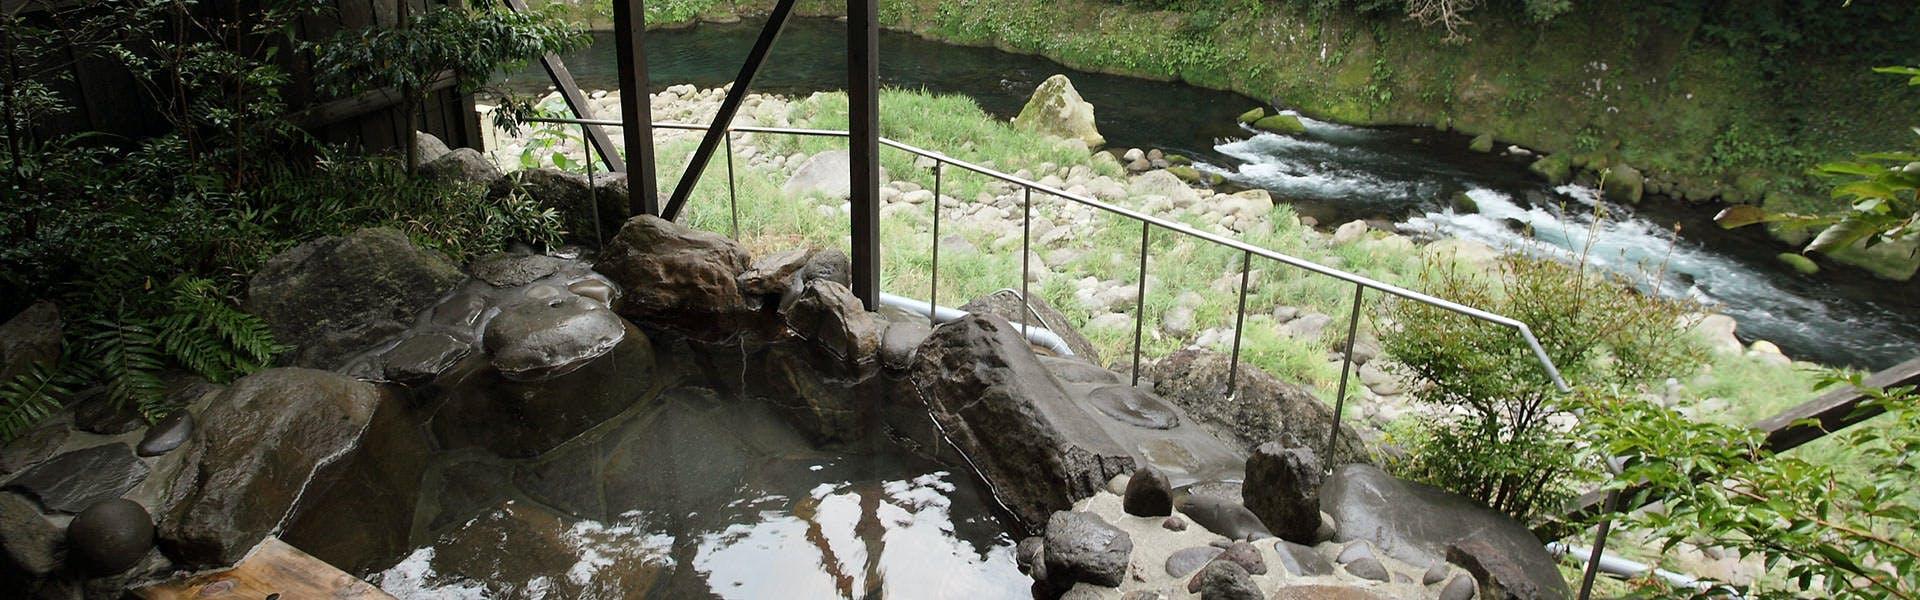 記念日におすすめのホテル・岩蔵の写真2